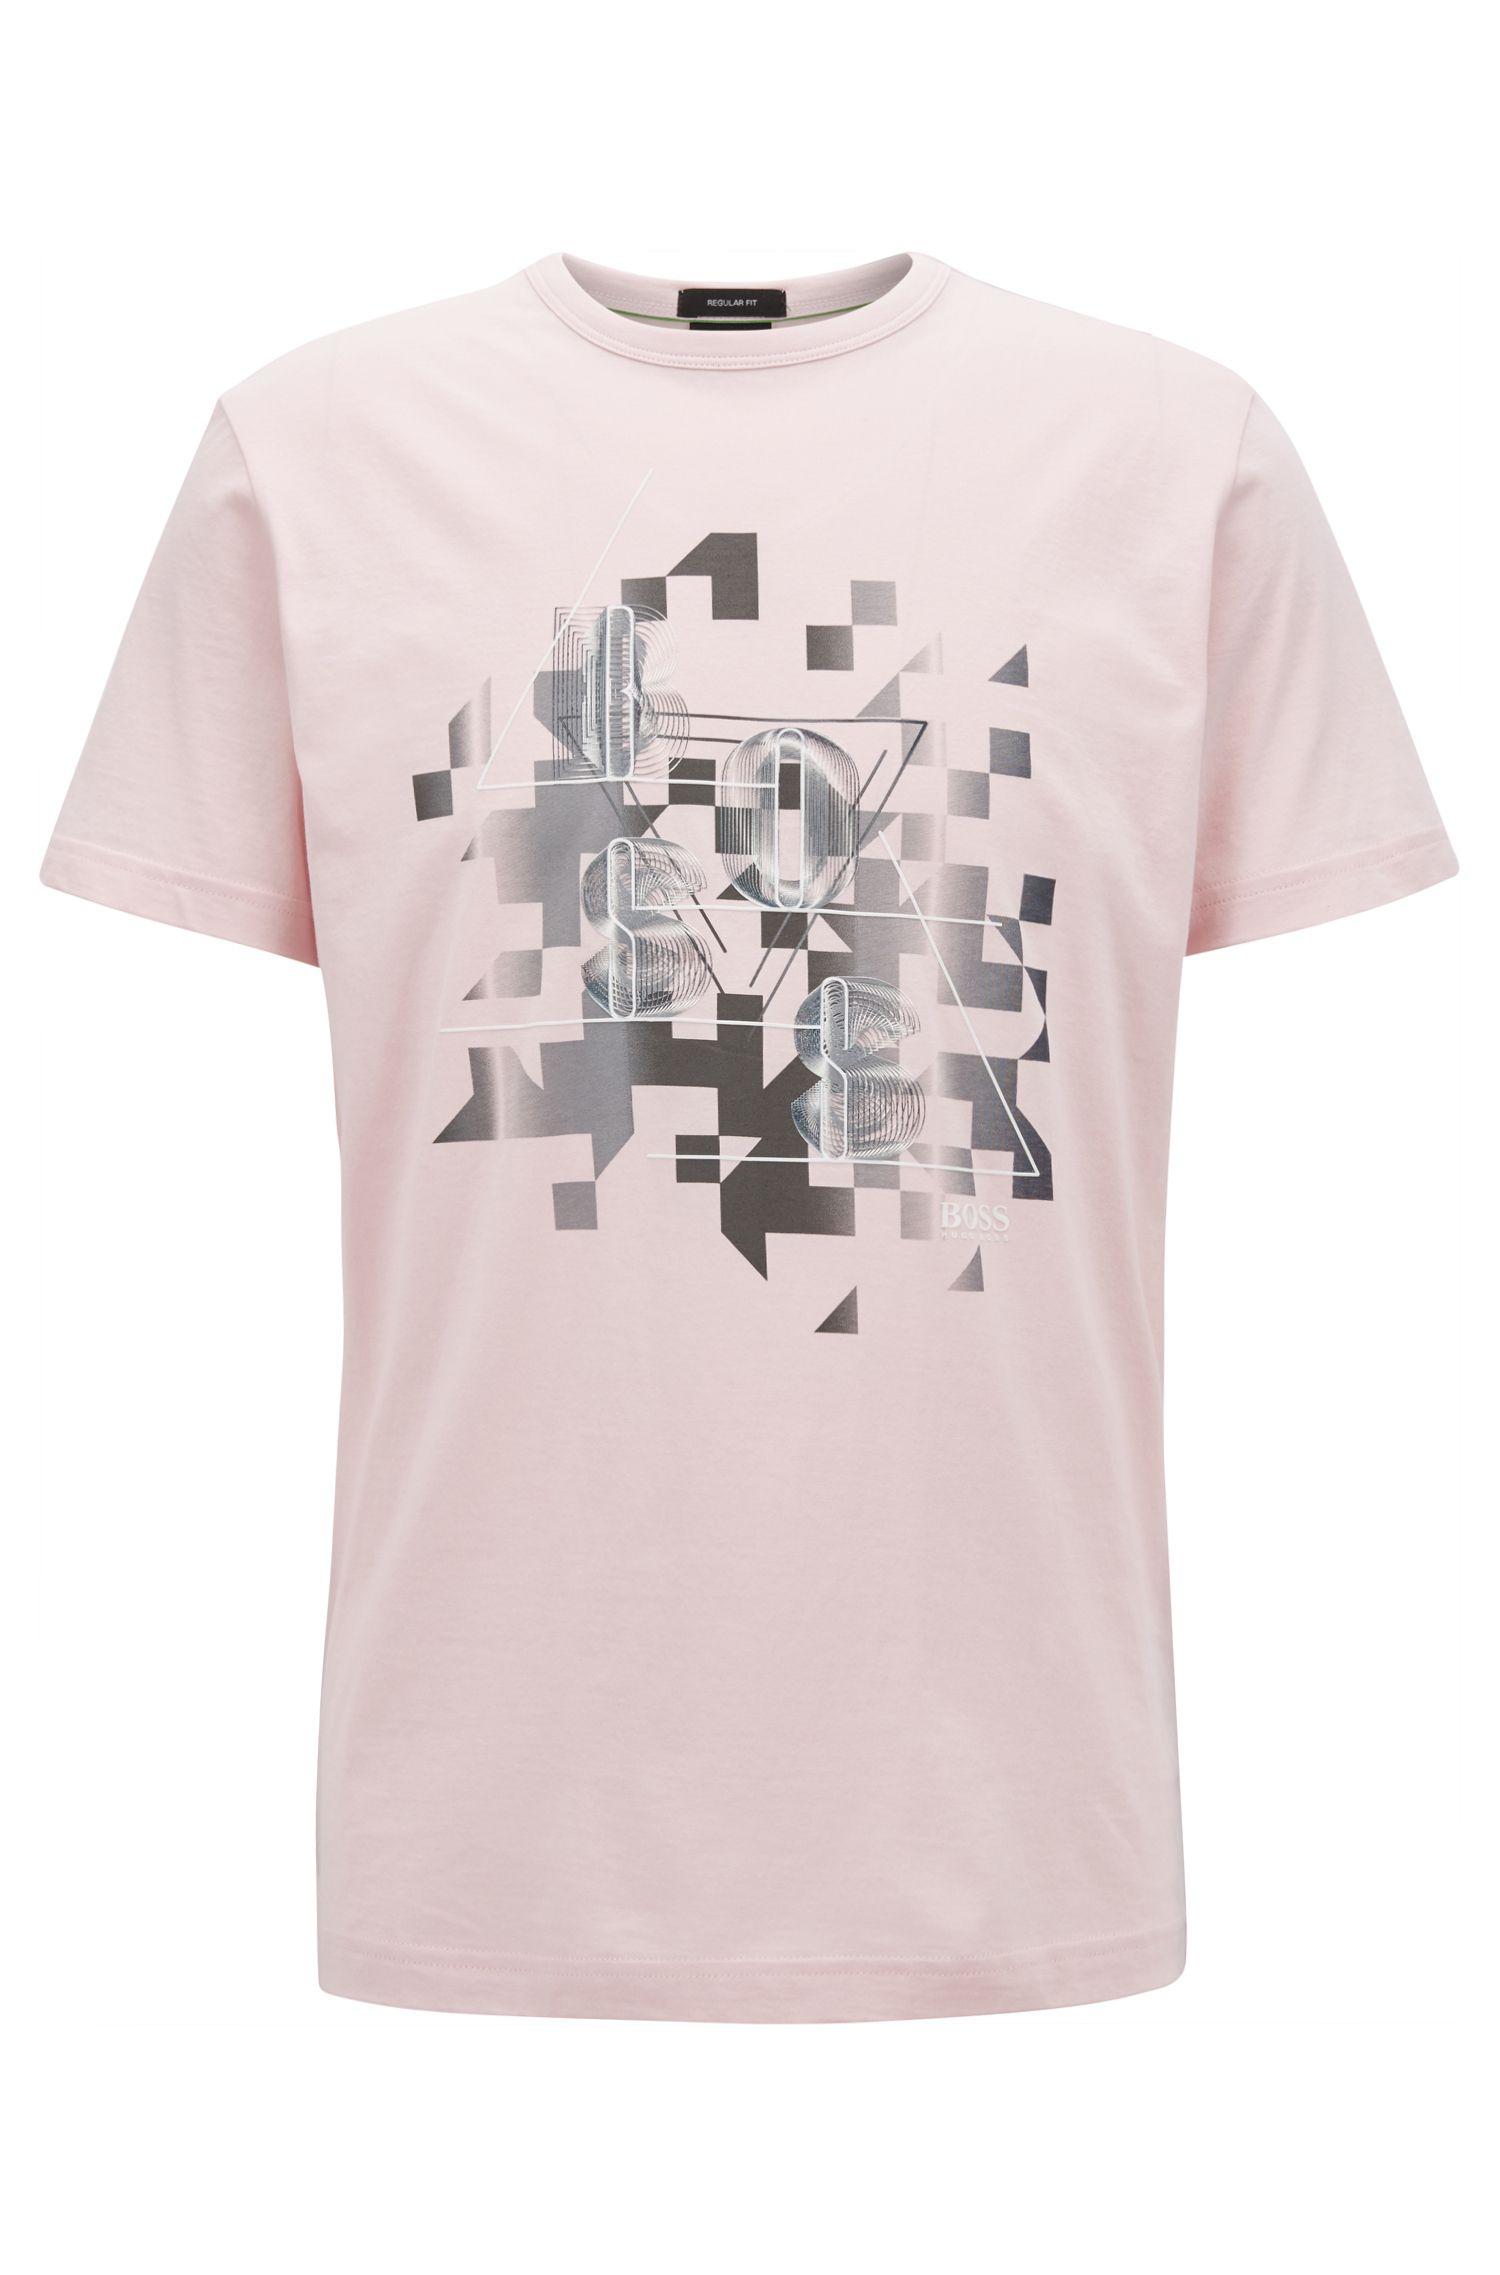 T-shirt in cotone con decorazione dinamica